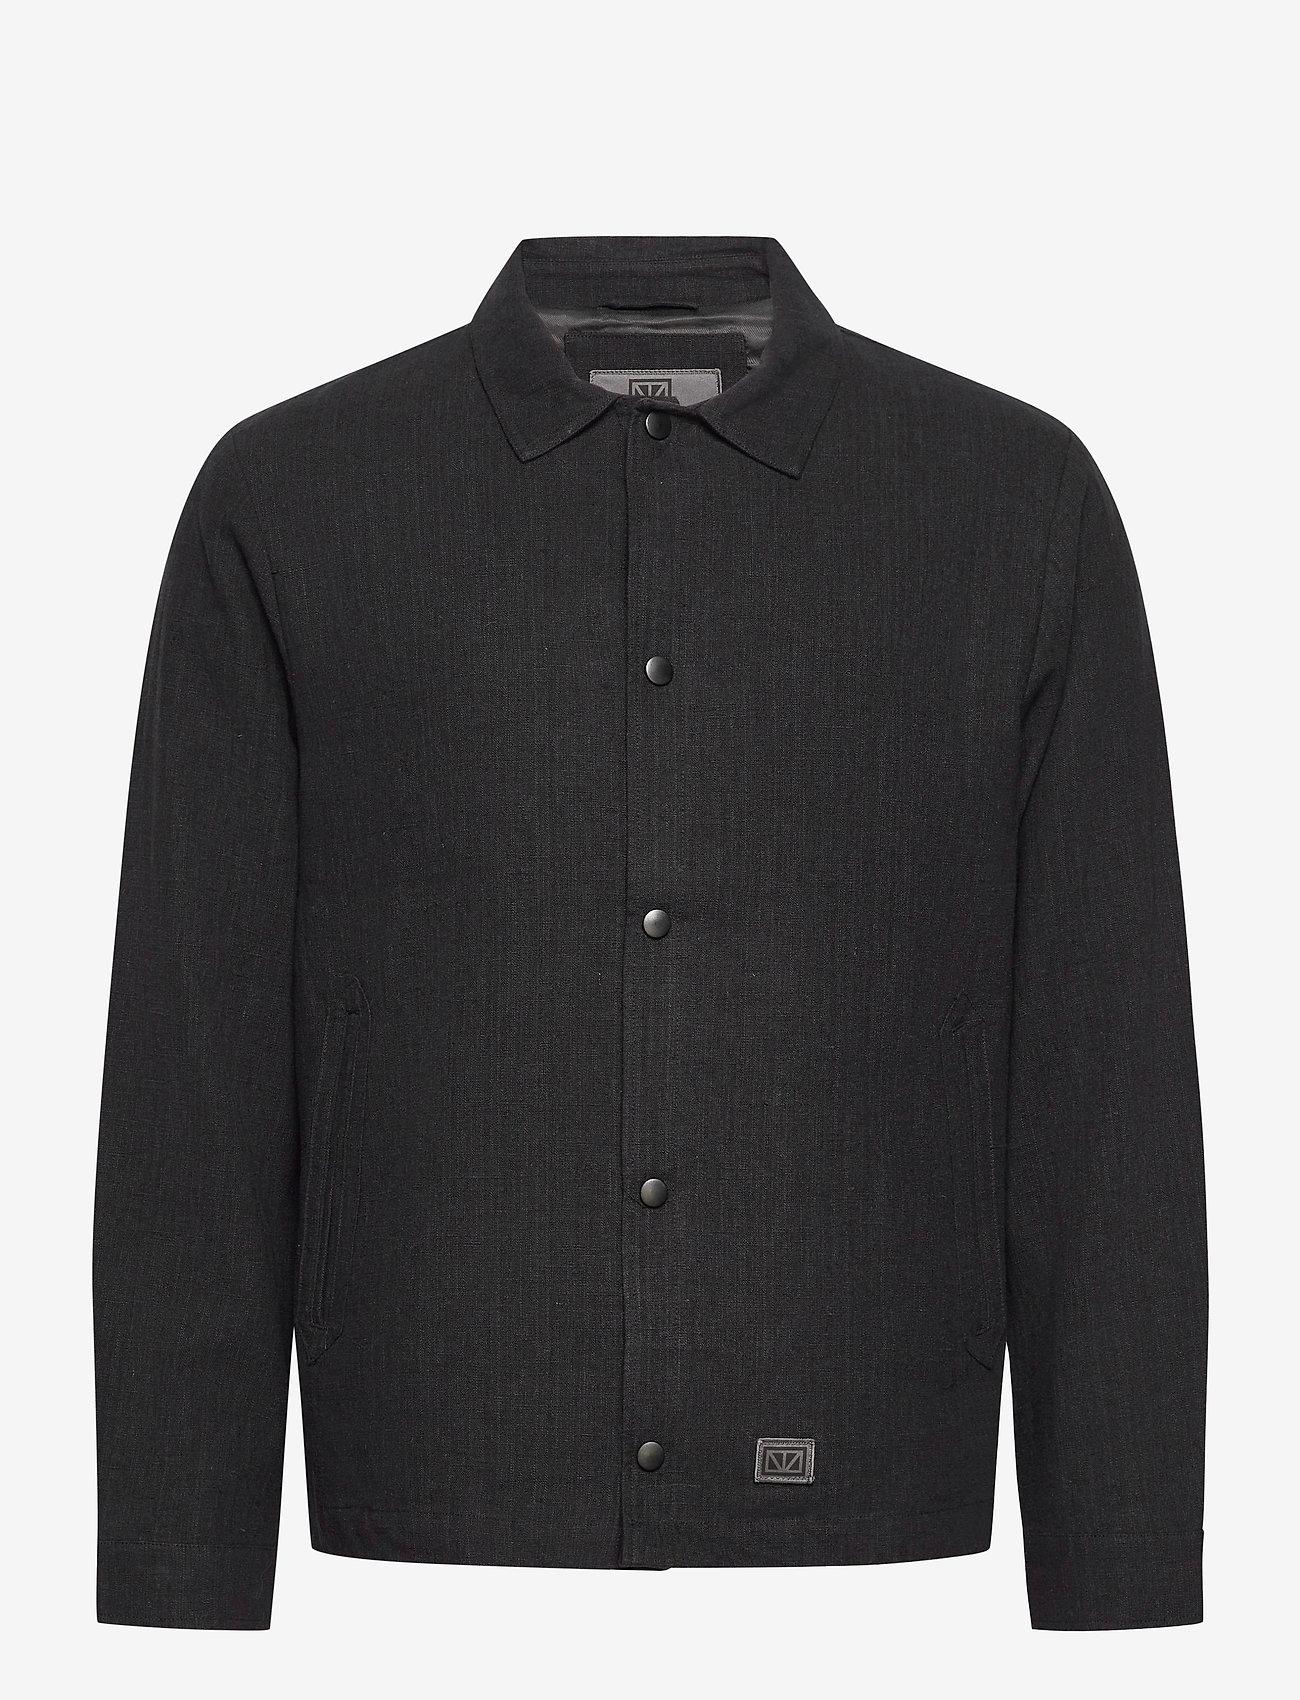 Brixtol Textiles - Trent - windjassen - black - 1